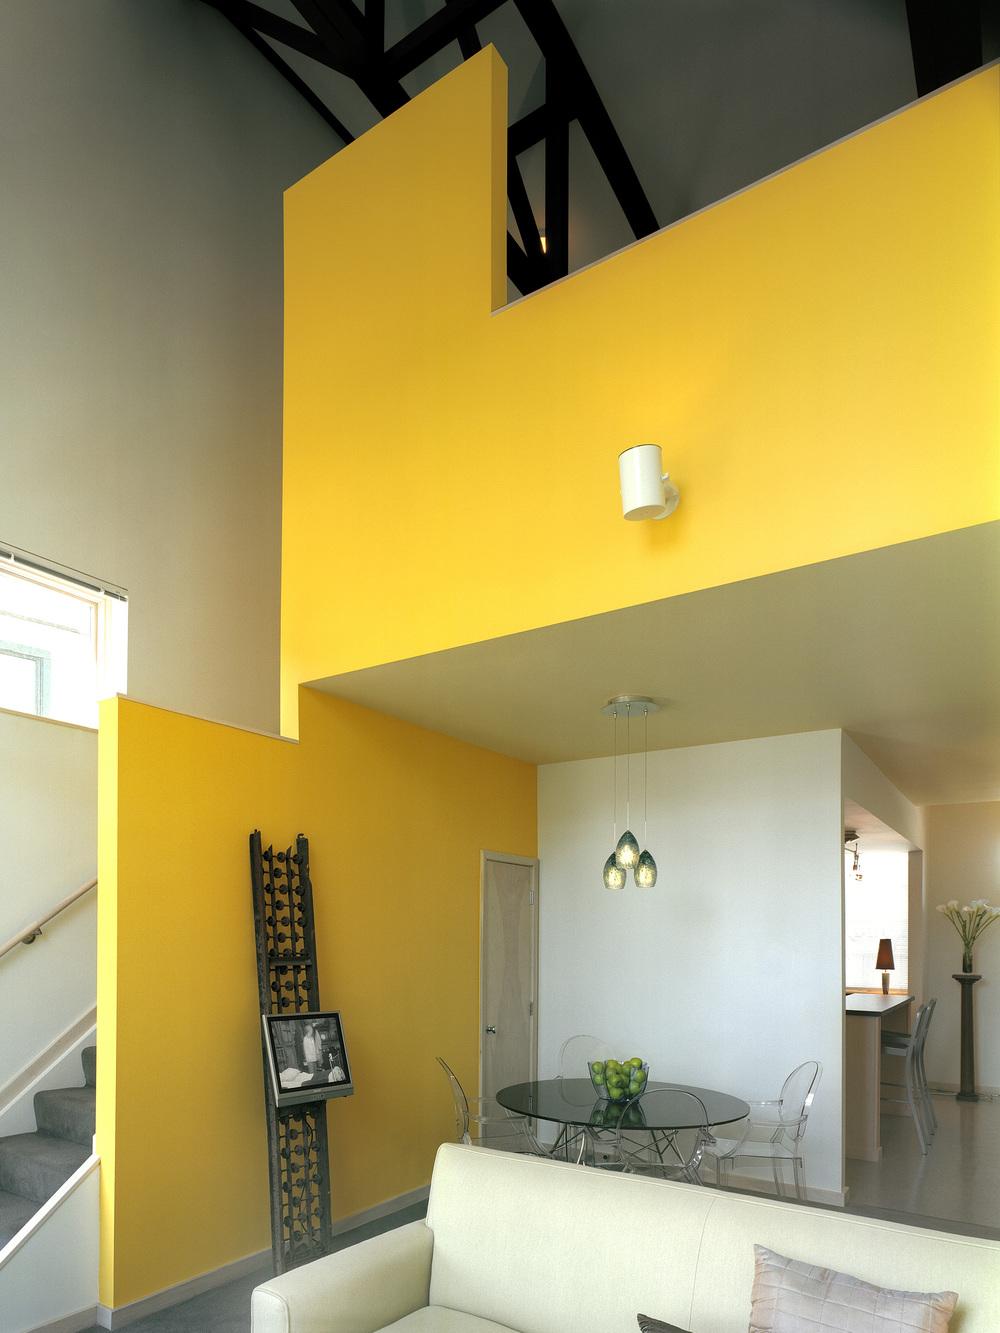 10AIA-HUD 32 interior of factory loft-feinknopf.jpg